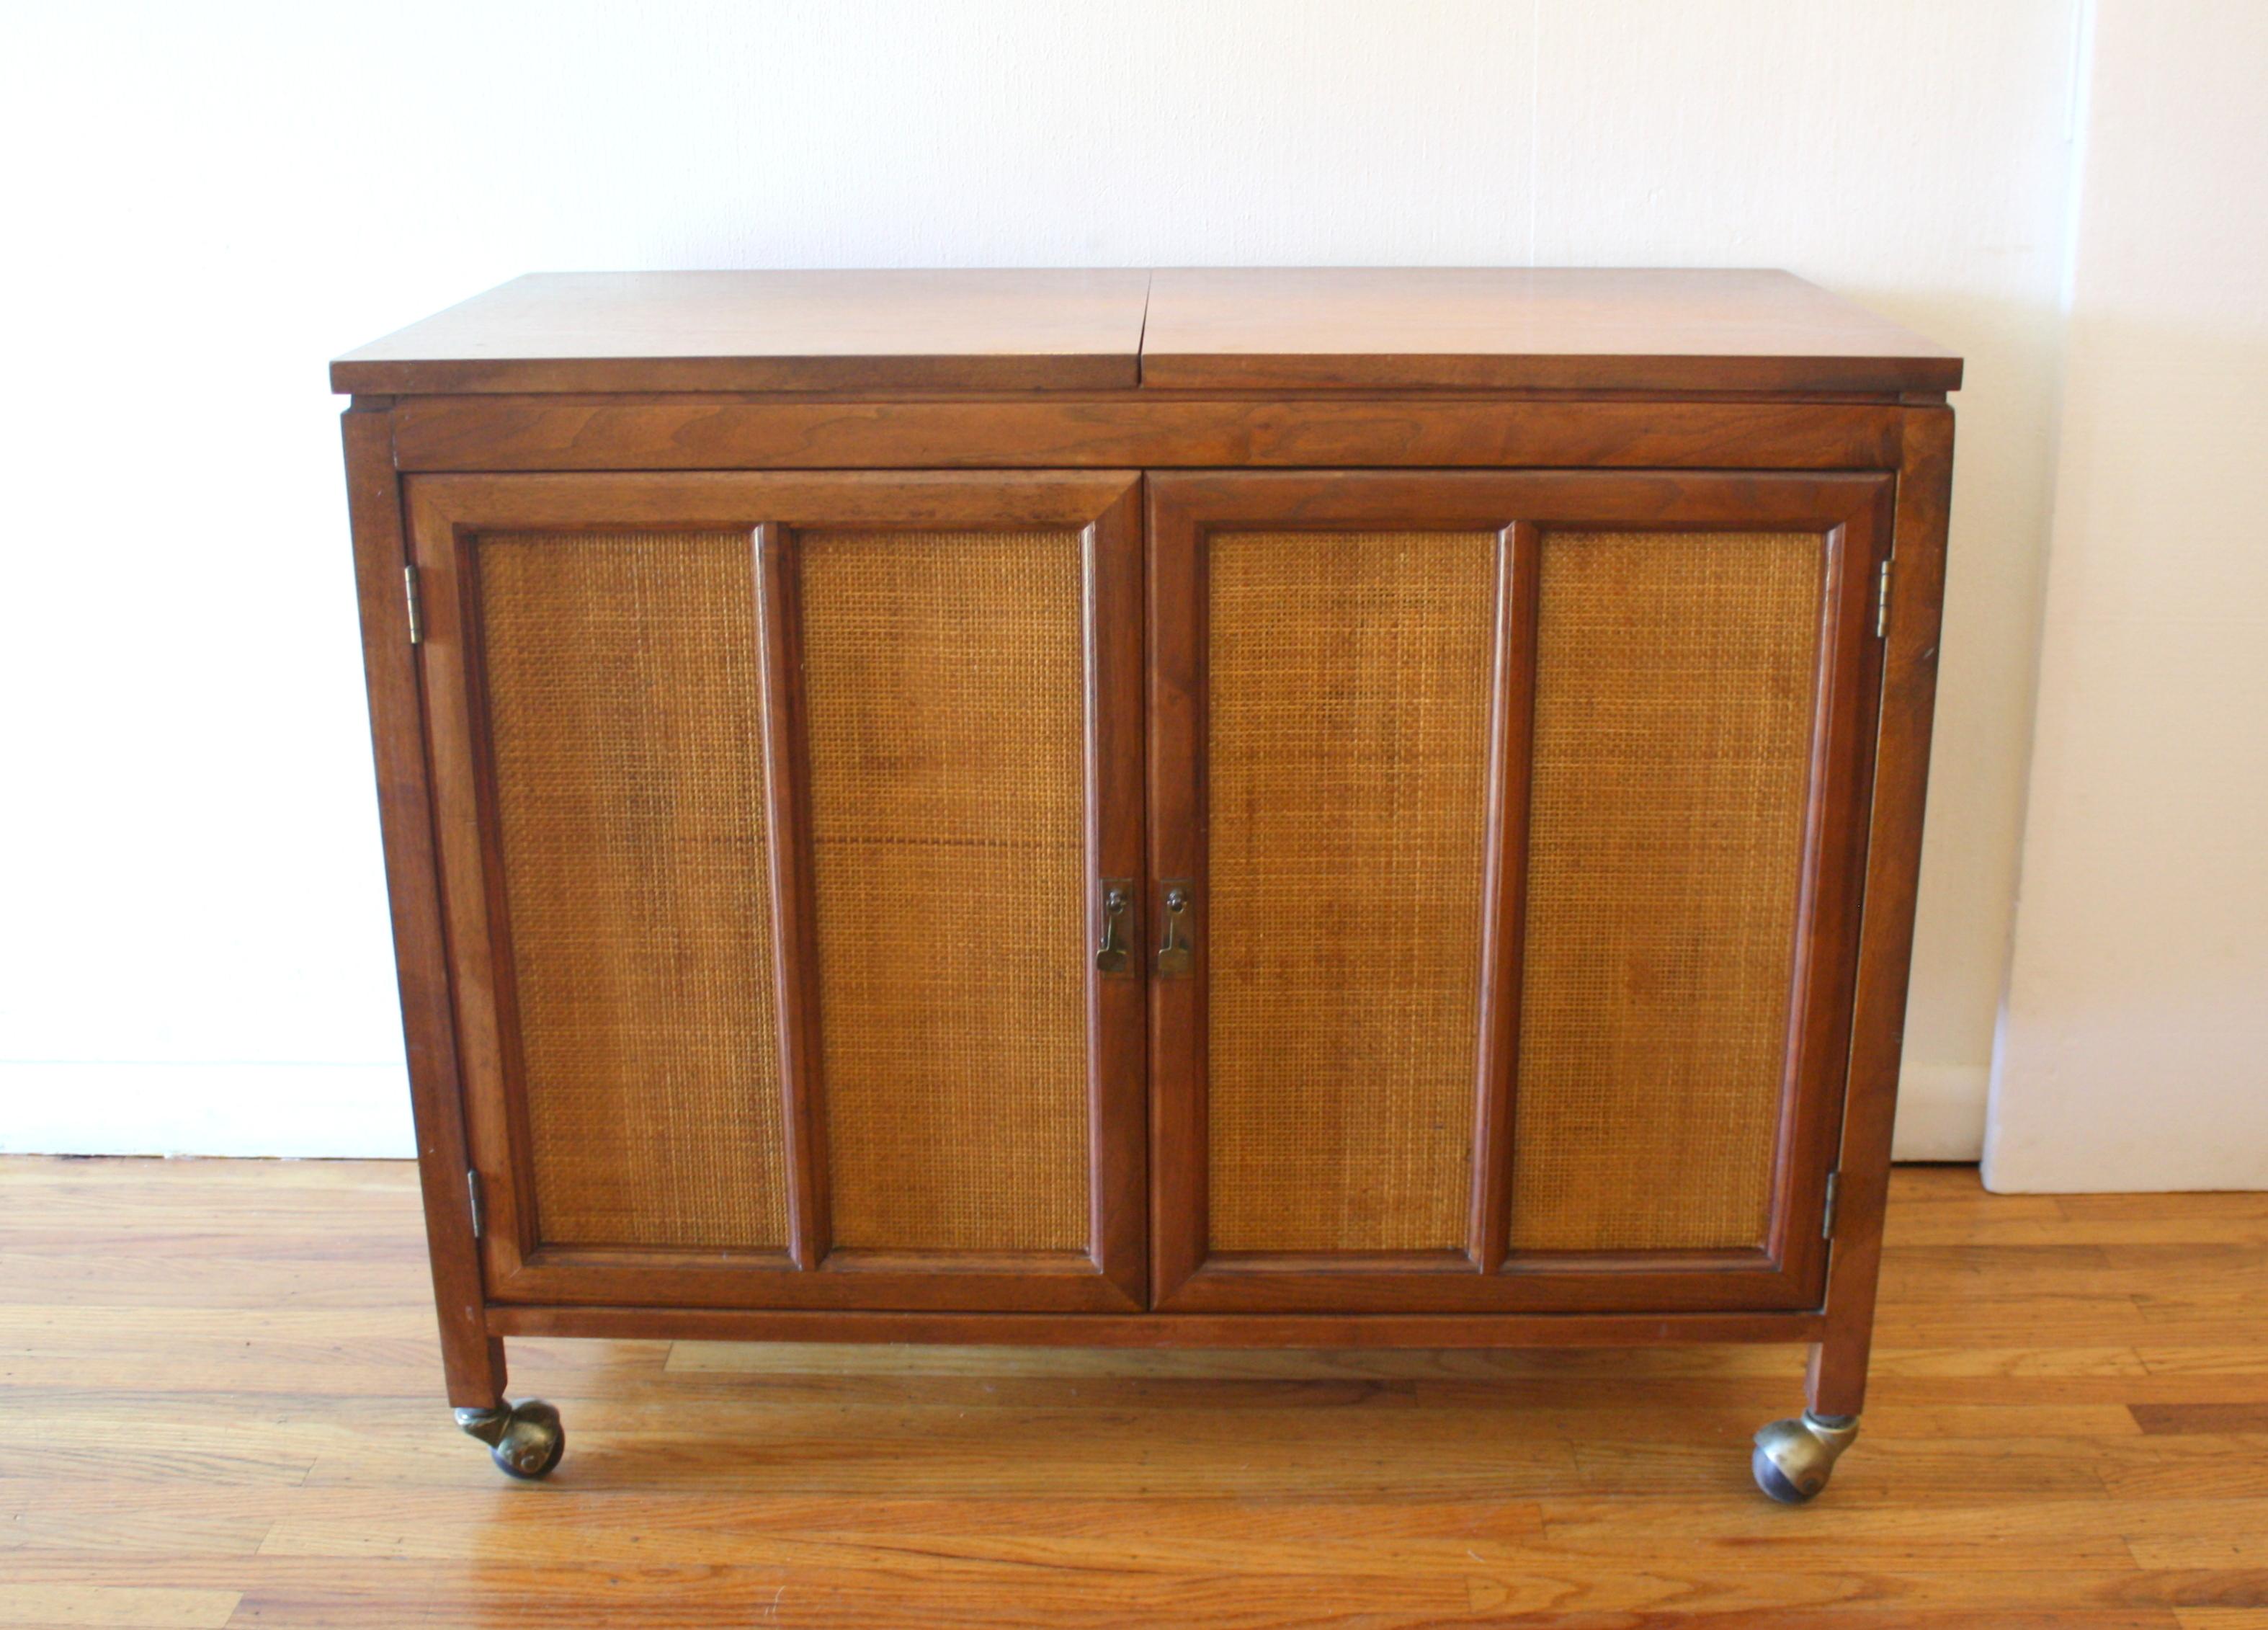 mcm hidden bar cabinet with rattan doors 4